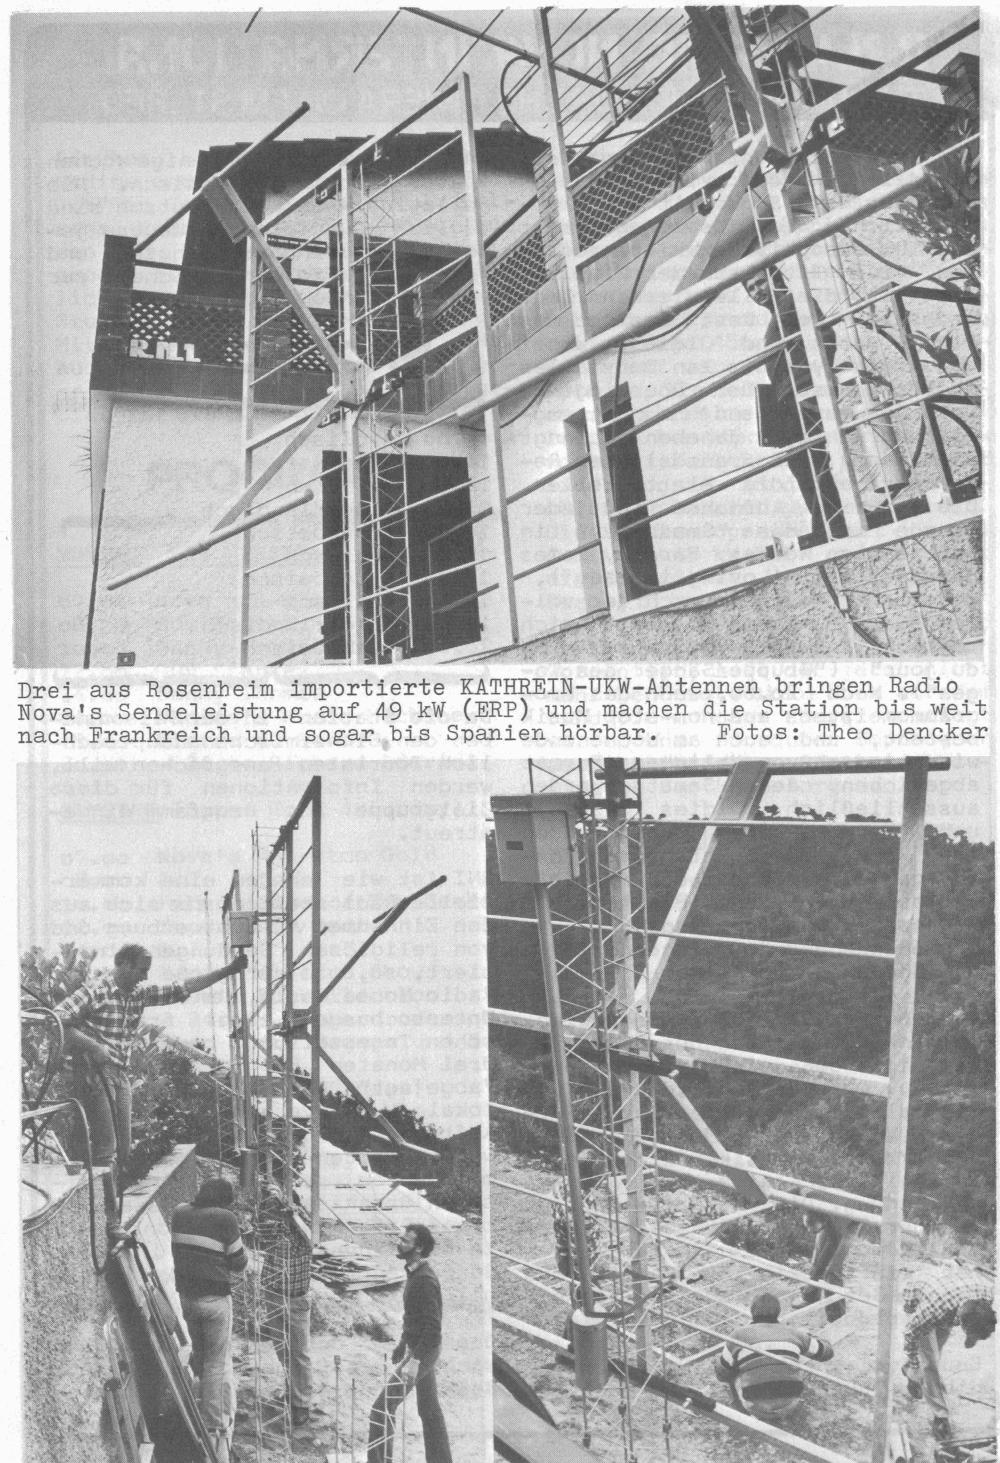 radio Nova International antenne - Storia della radiotelevisione italiana. Radio K: da Sanremo per far crollare il monopolio radiofonico francese